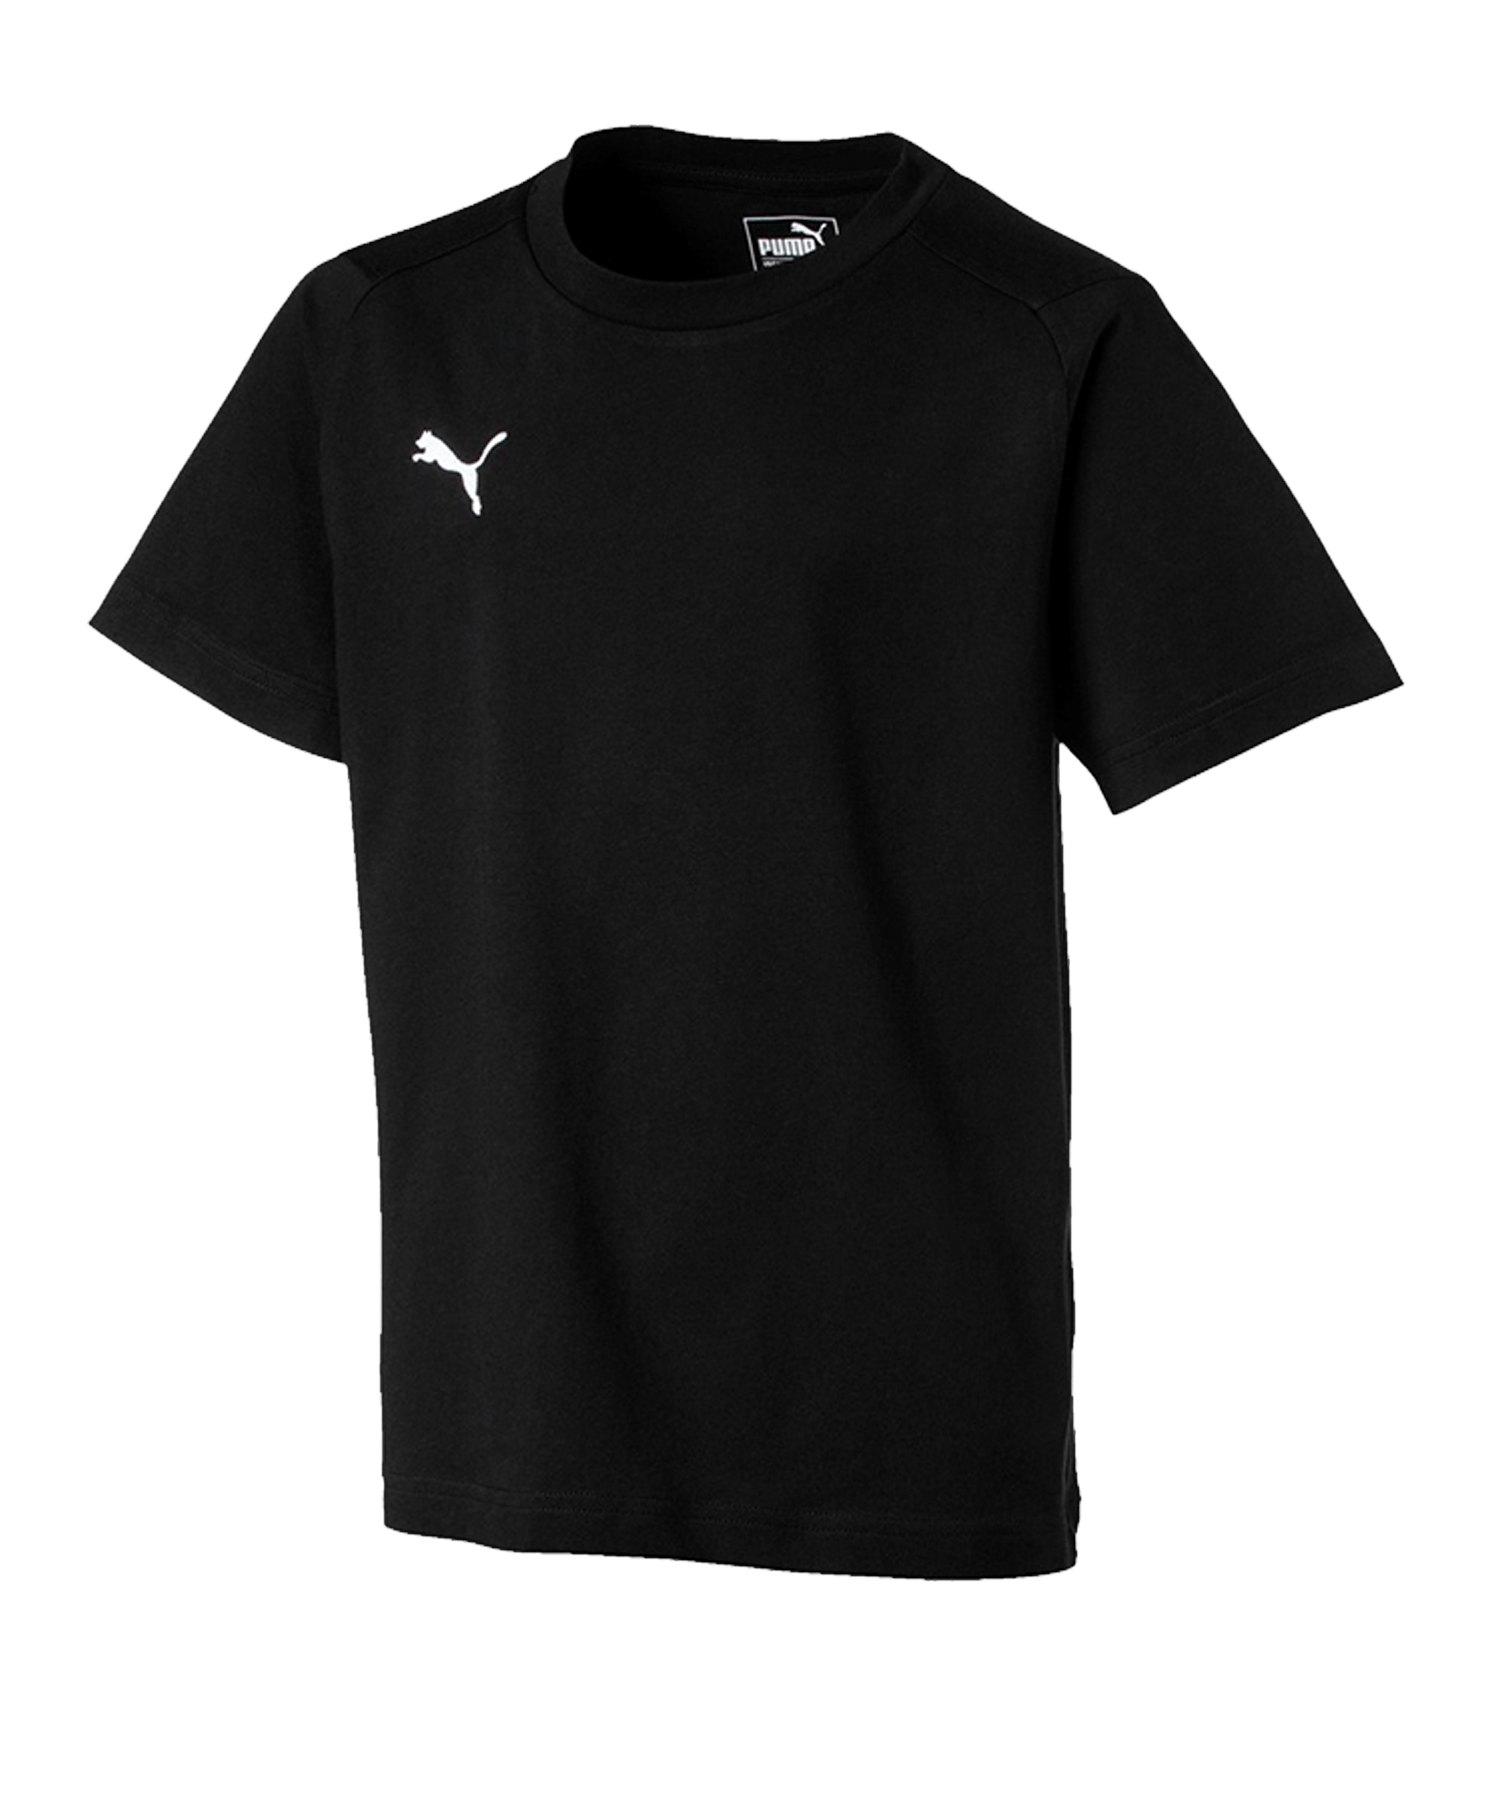 PUMA LIGA Casuals Tee T-Shirt Kids Schwarz F03 - schwarz